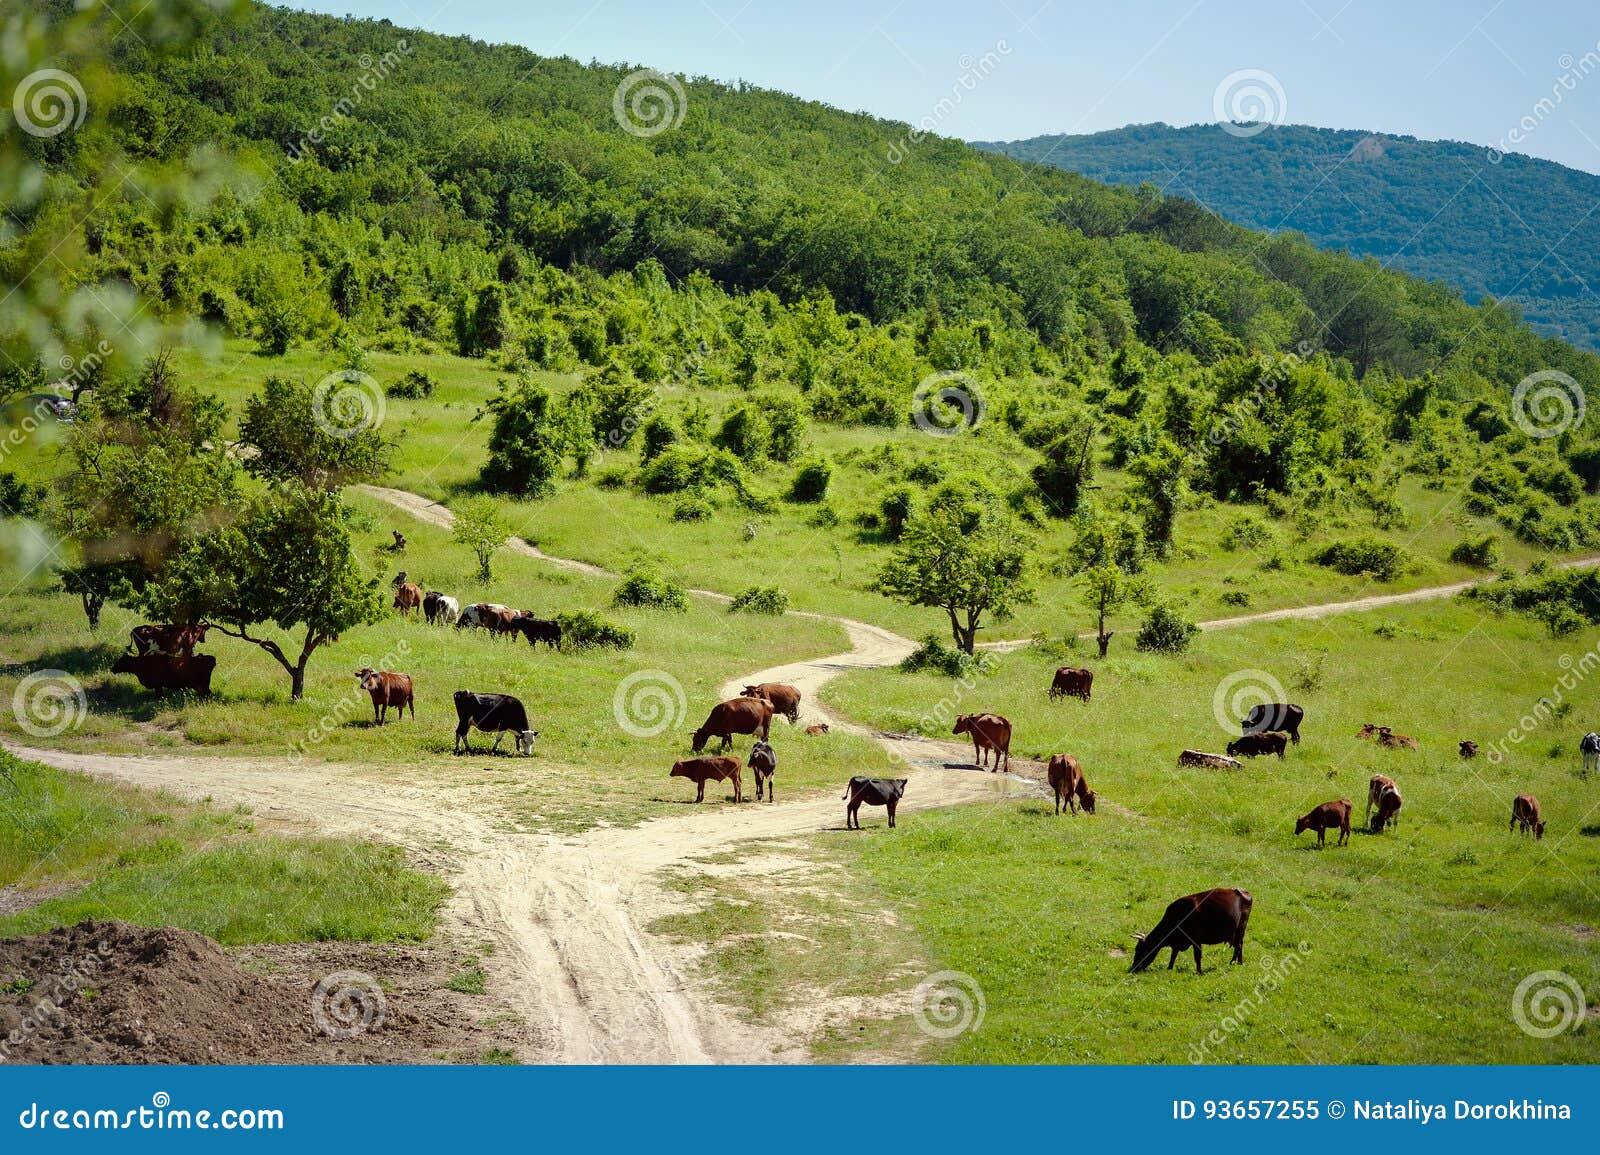 Κοπάδι των αγελάδων Αγελάδες στο πεδίο Αγελάδες που βόσκουν στο πράσινο λιβάδι